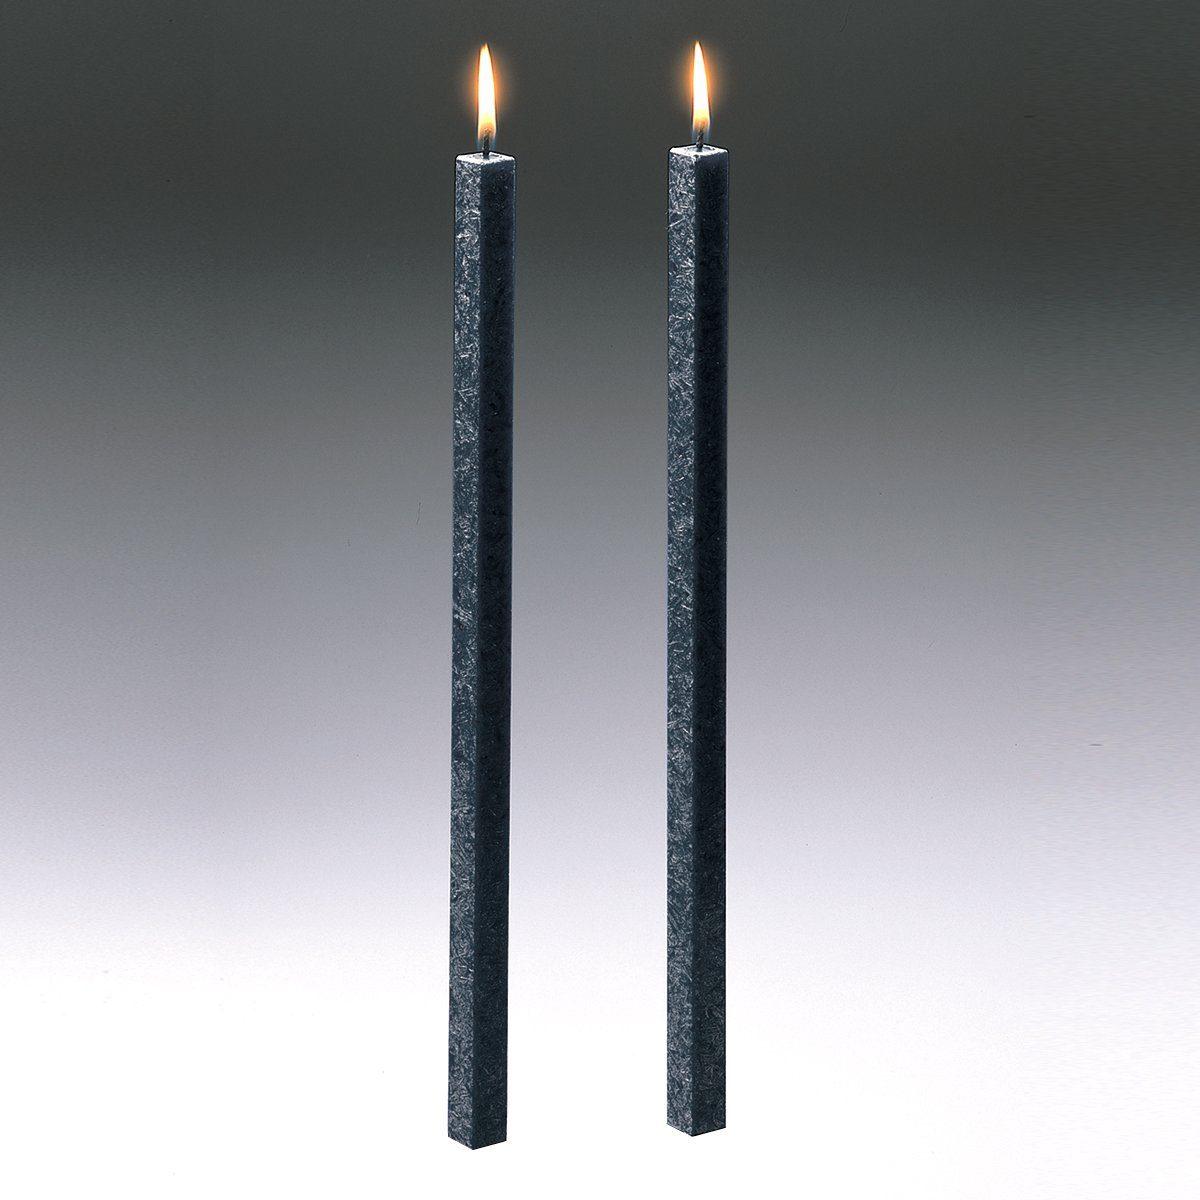 Amabiente Amabiente Kerze CLASSIC anthrazit 40cm - 2er Set